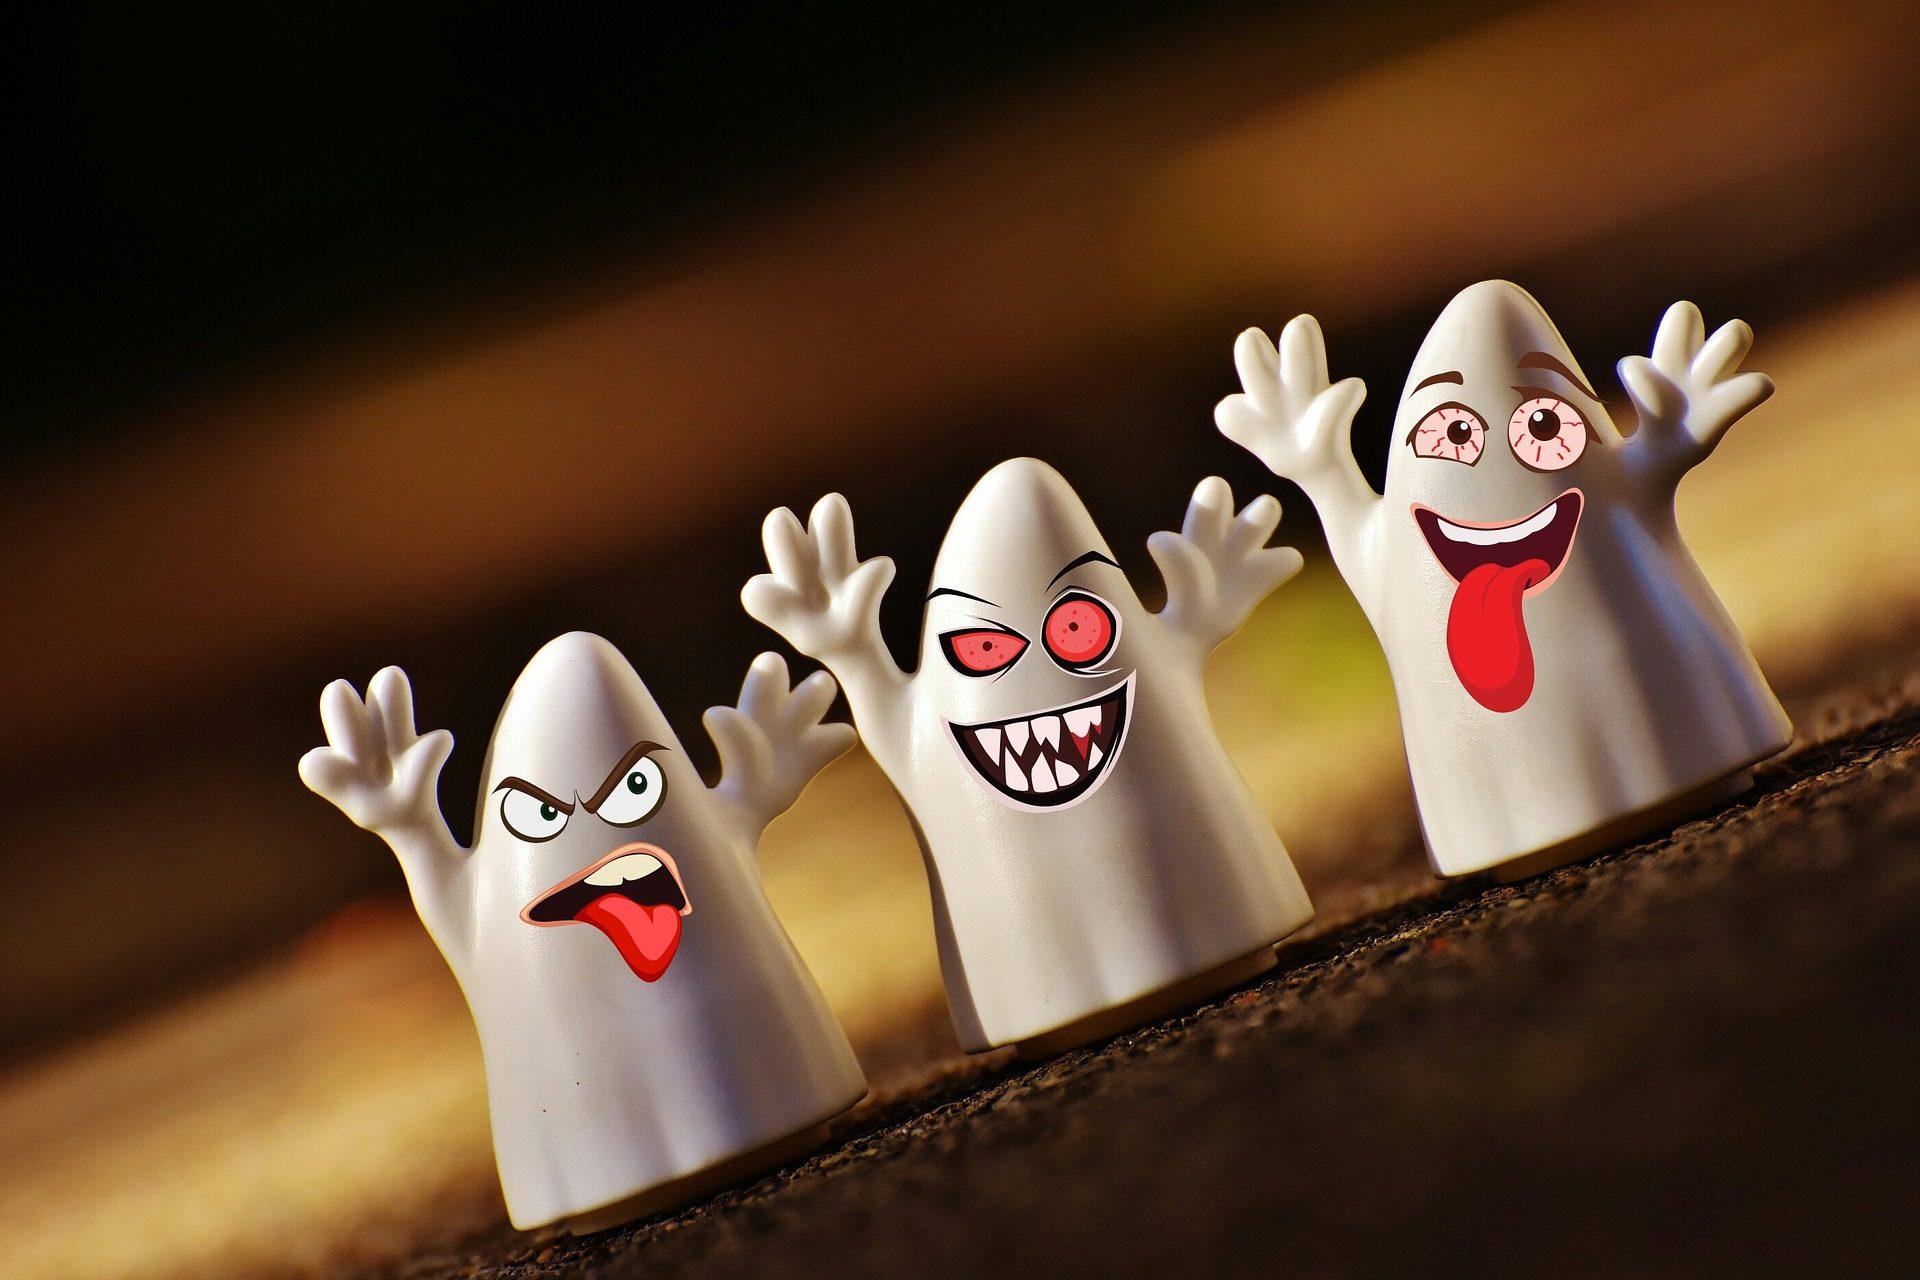 fantasmas, rostos, a brincar, riso, Dia das bruxas, diversão - Papéis de parede HD - Professor-falken.com